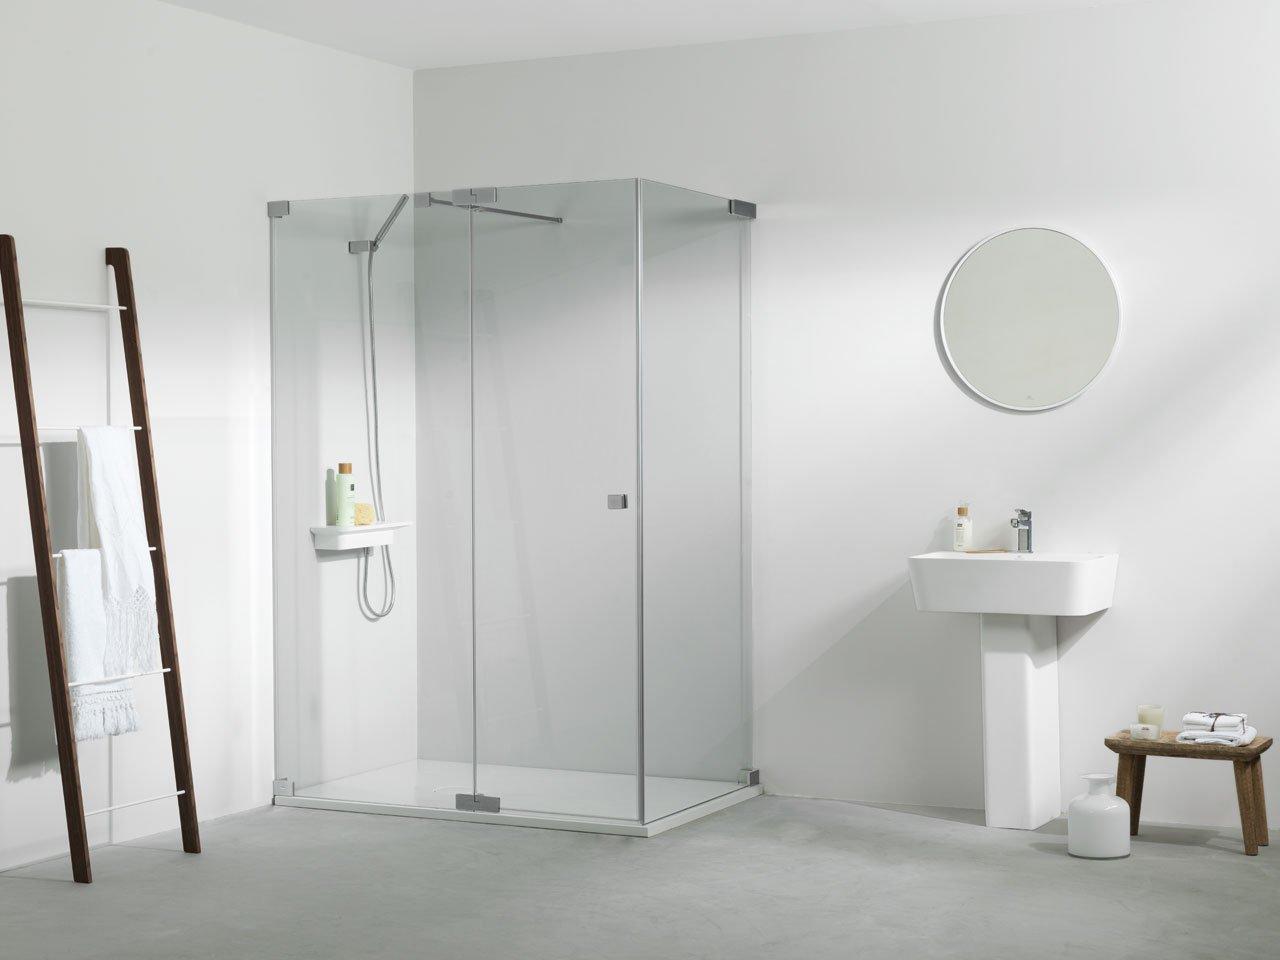 arredo bagno zona industriale lecce – Comarg.com